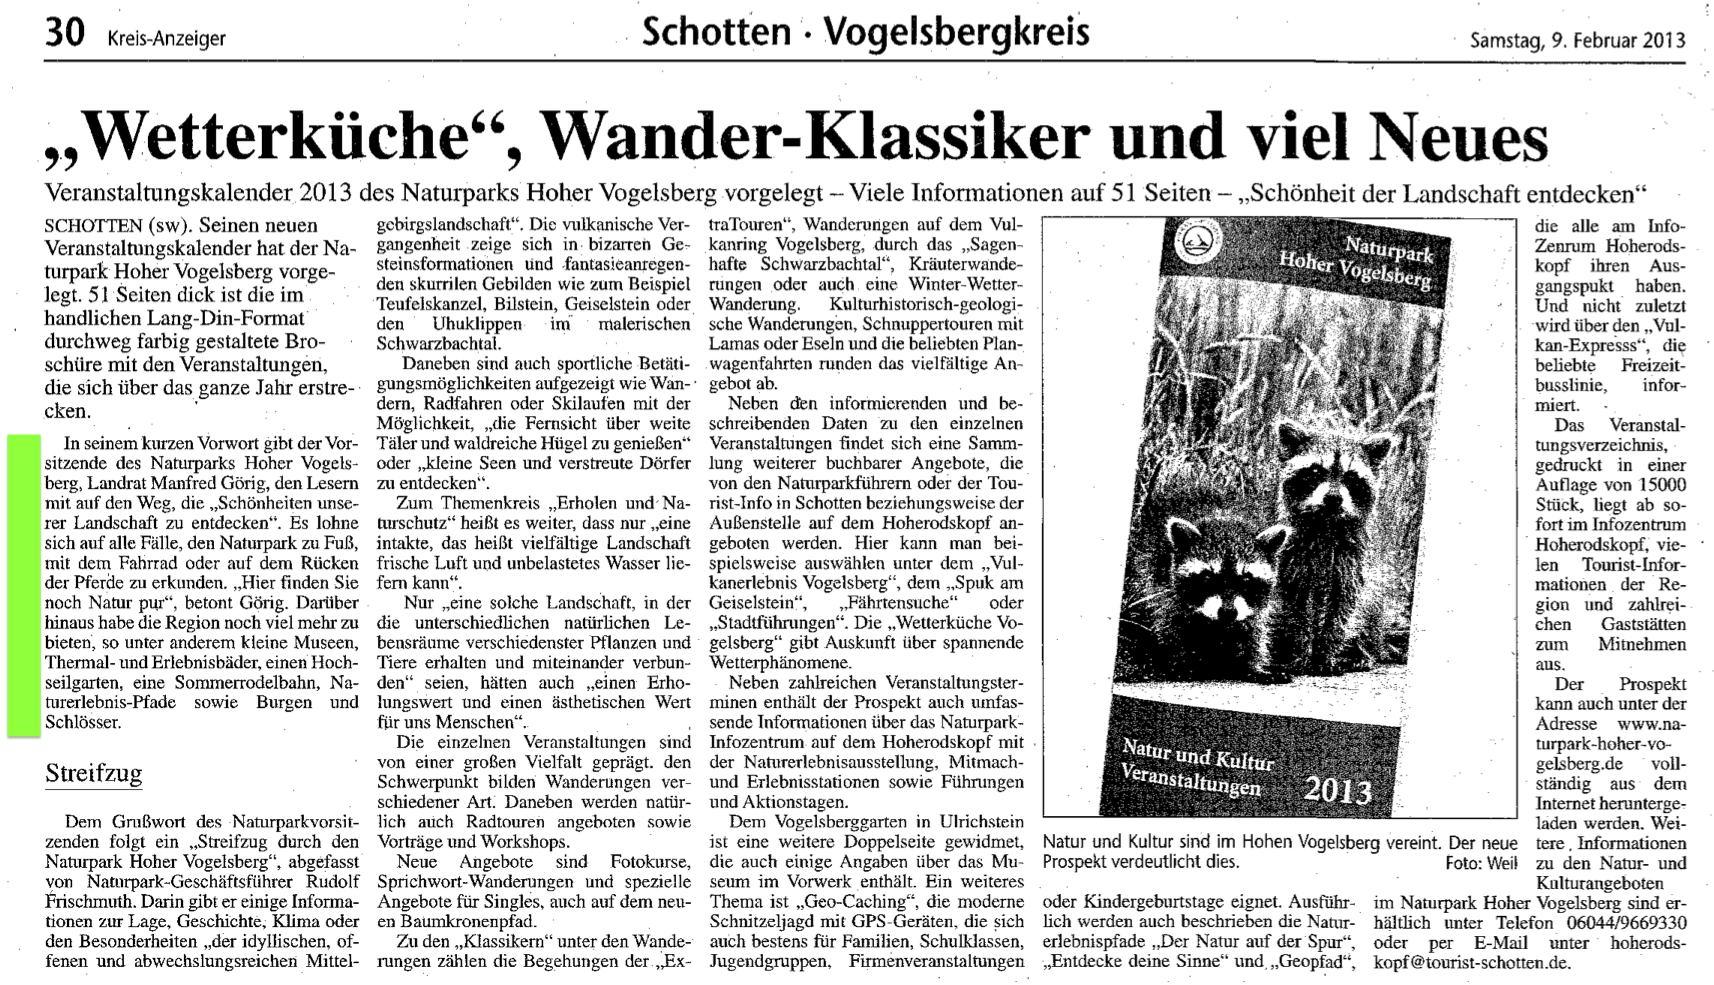 2013.02.09-KA-VB-Kreis-Veranstaltungskalender 2013 des Naturparks Hoher Vogelsberg